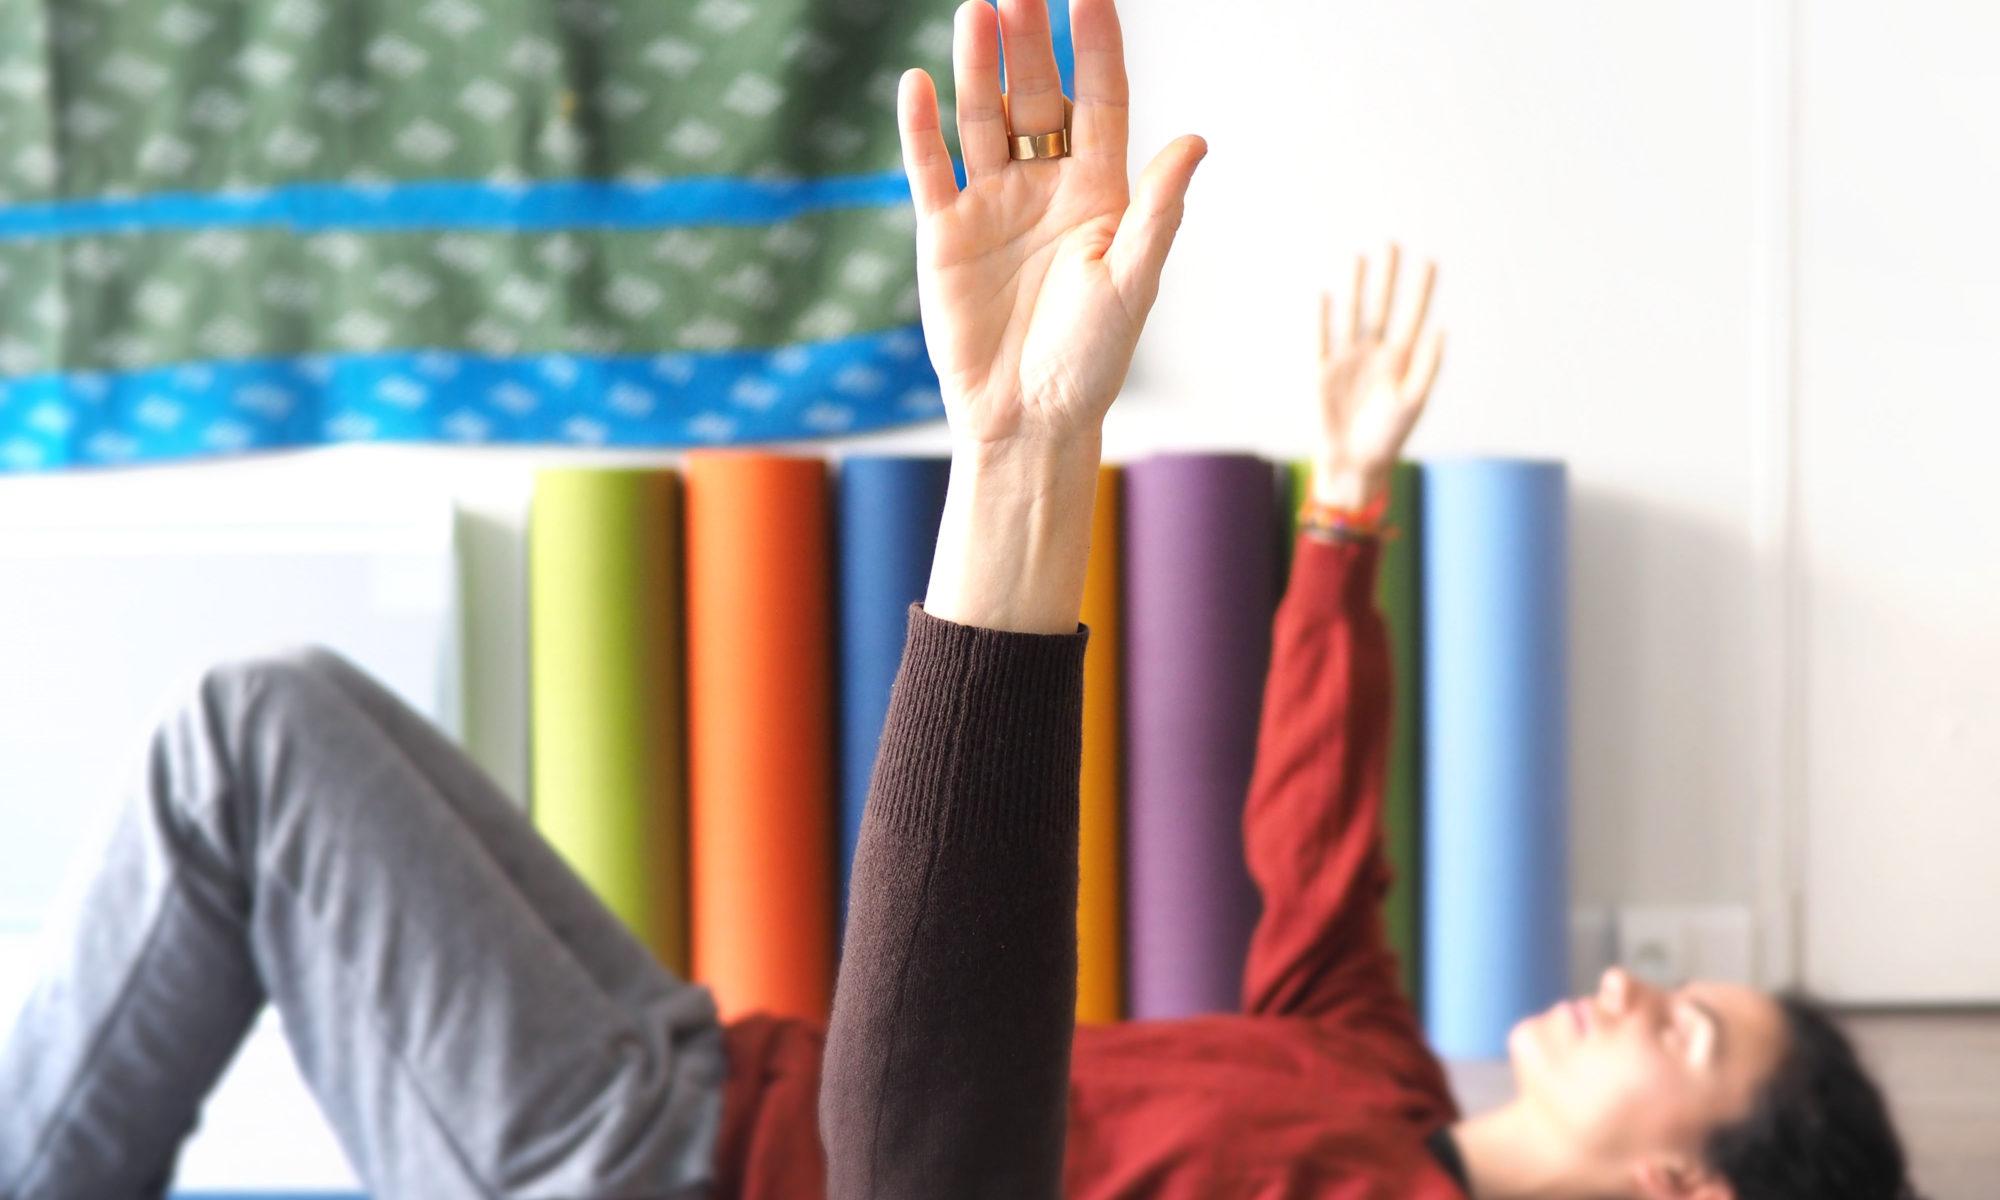 Libérer le geste - Atelier de Gymnastique Holistique Ehrenfried animé par Paul Siemen